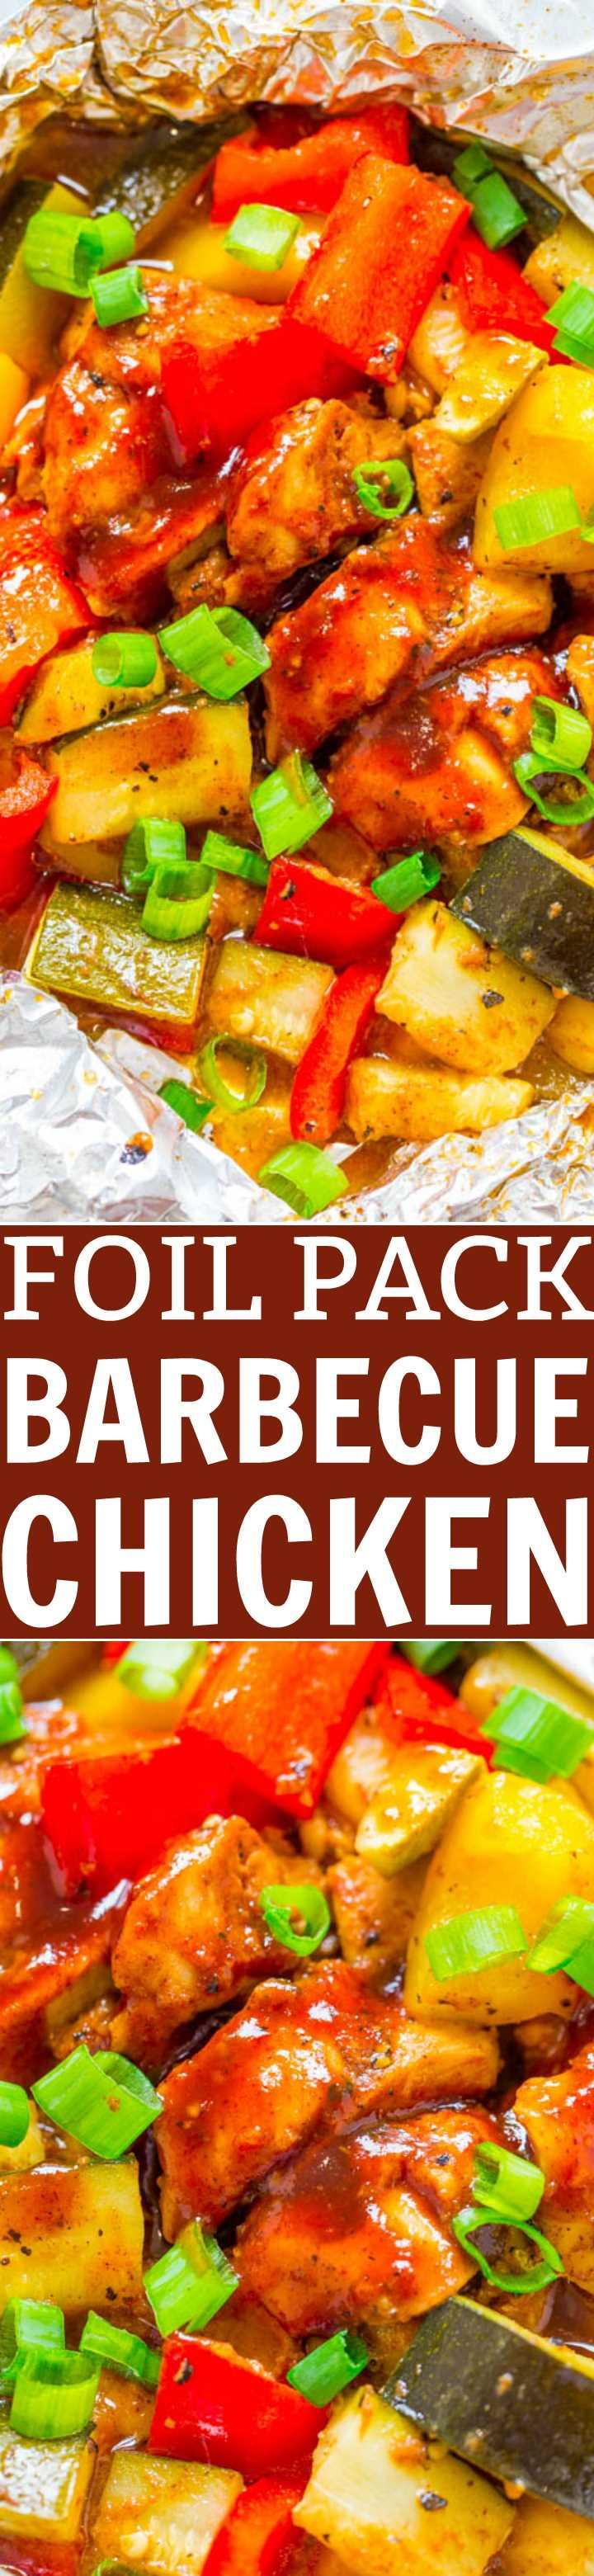 Foil Pack Barbecue Chicken - ¡Listo en 15 minutos y una manera FÁCIL de disfrutar el pollo a la parrilla a la parrilla! ¡Una comida deliciosa y saludable hecha en un paquete de aluminio con limpieza CERO!